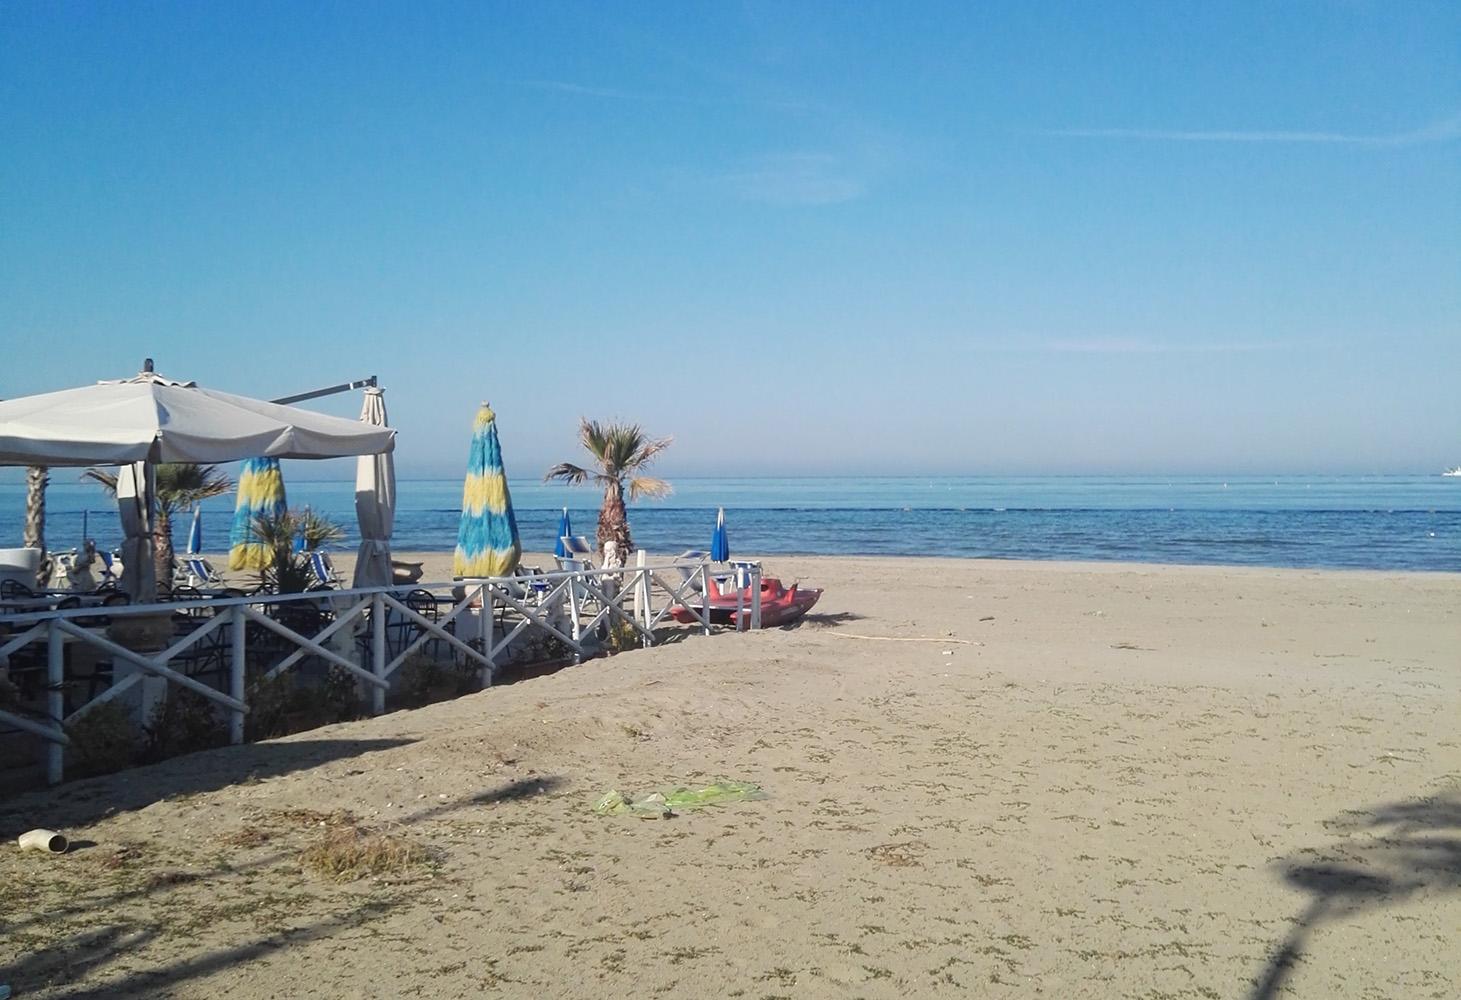 Matrimonio Spiaggia Grottammare : Rimessaggio in spiaggia natanti da spostare a grottammare